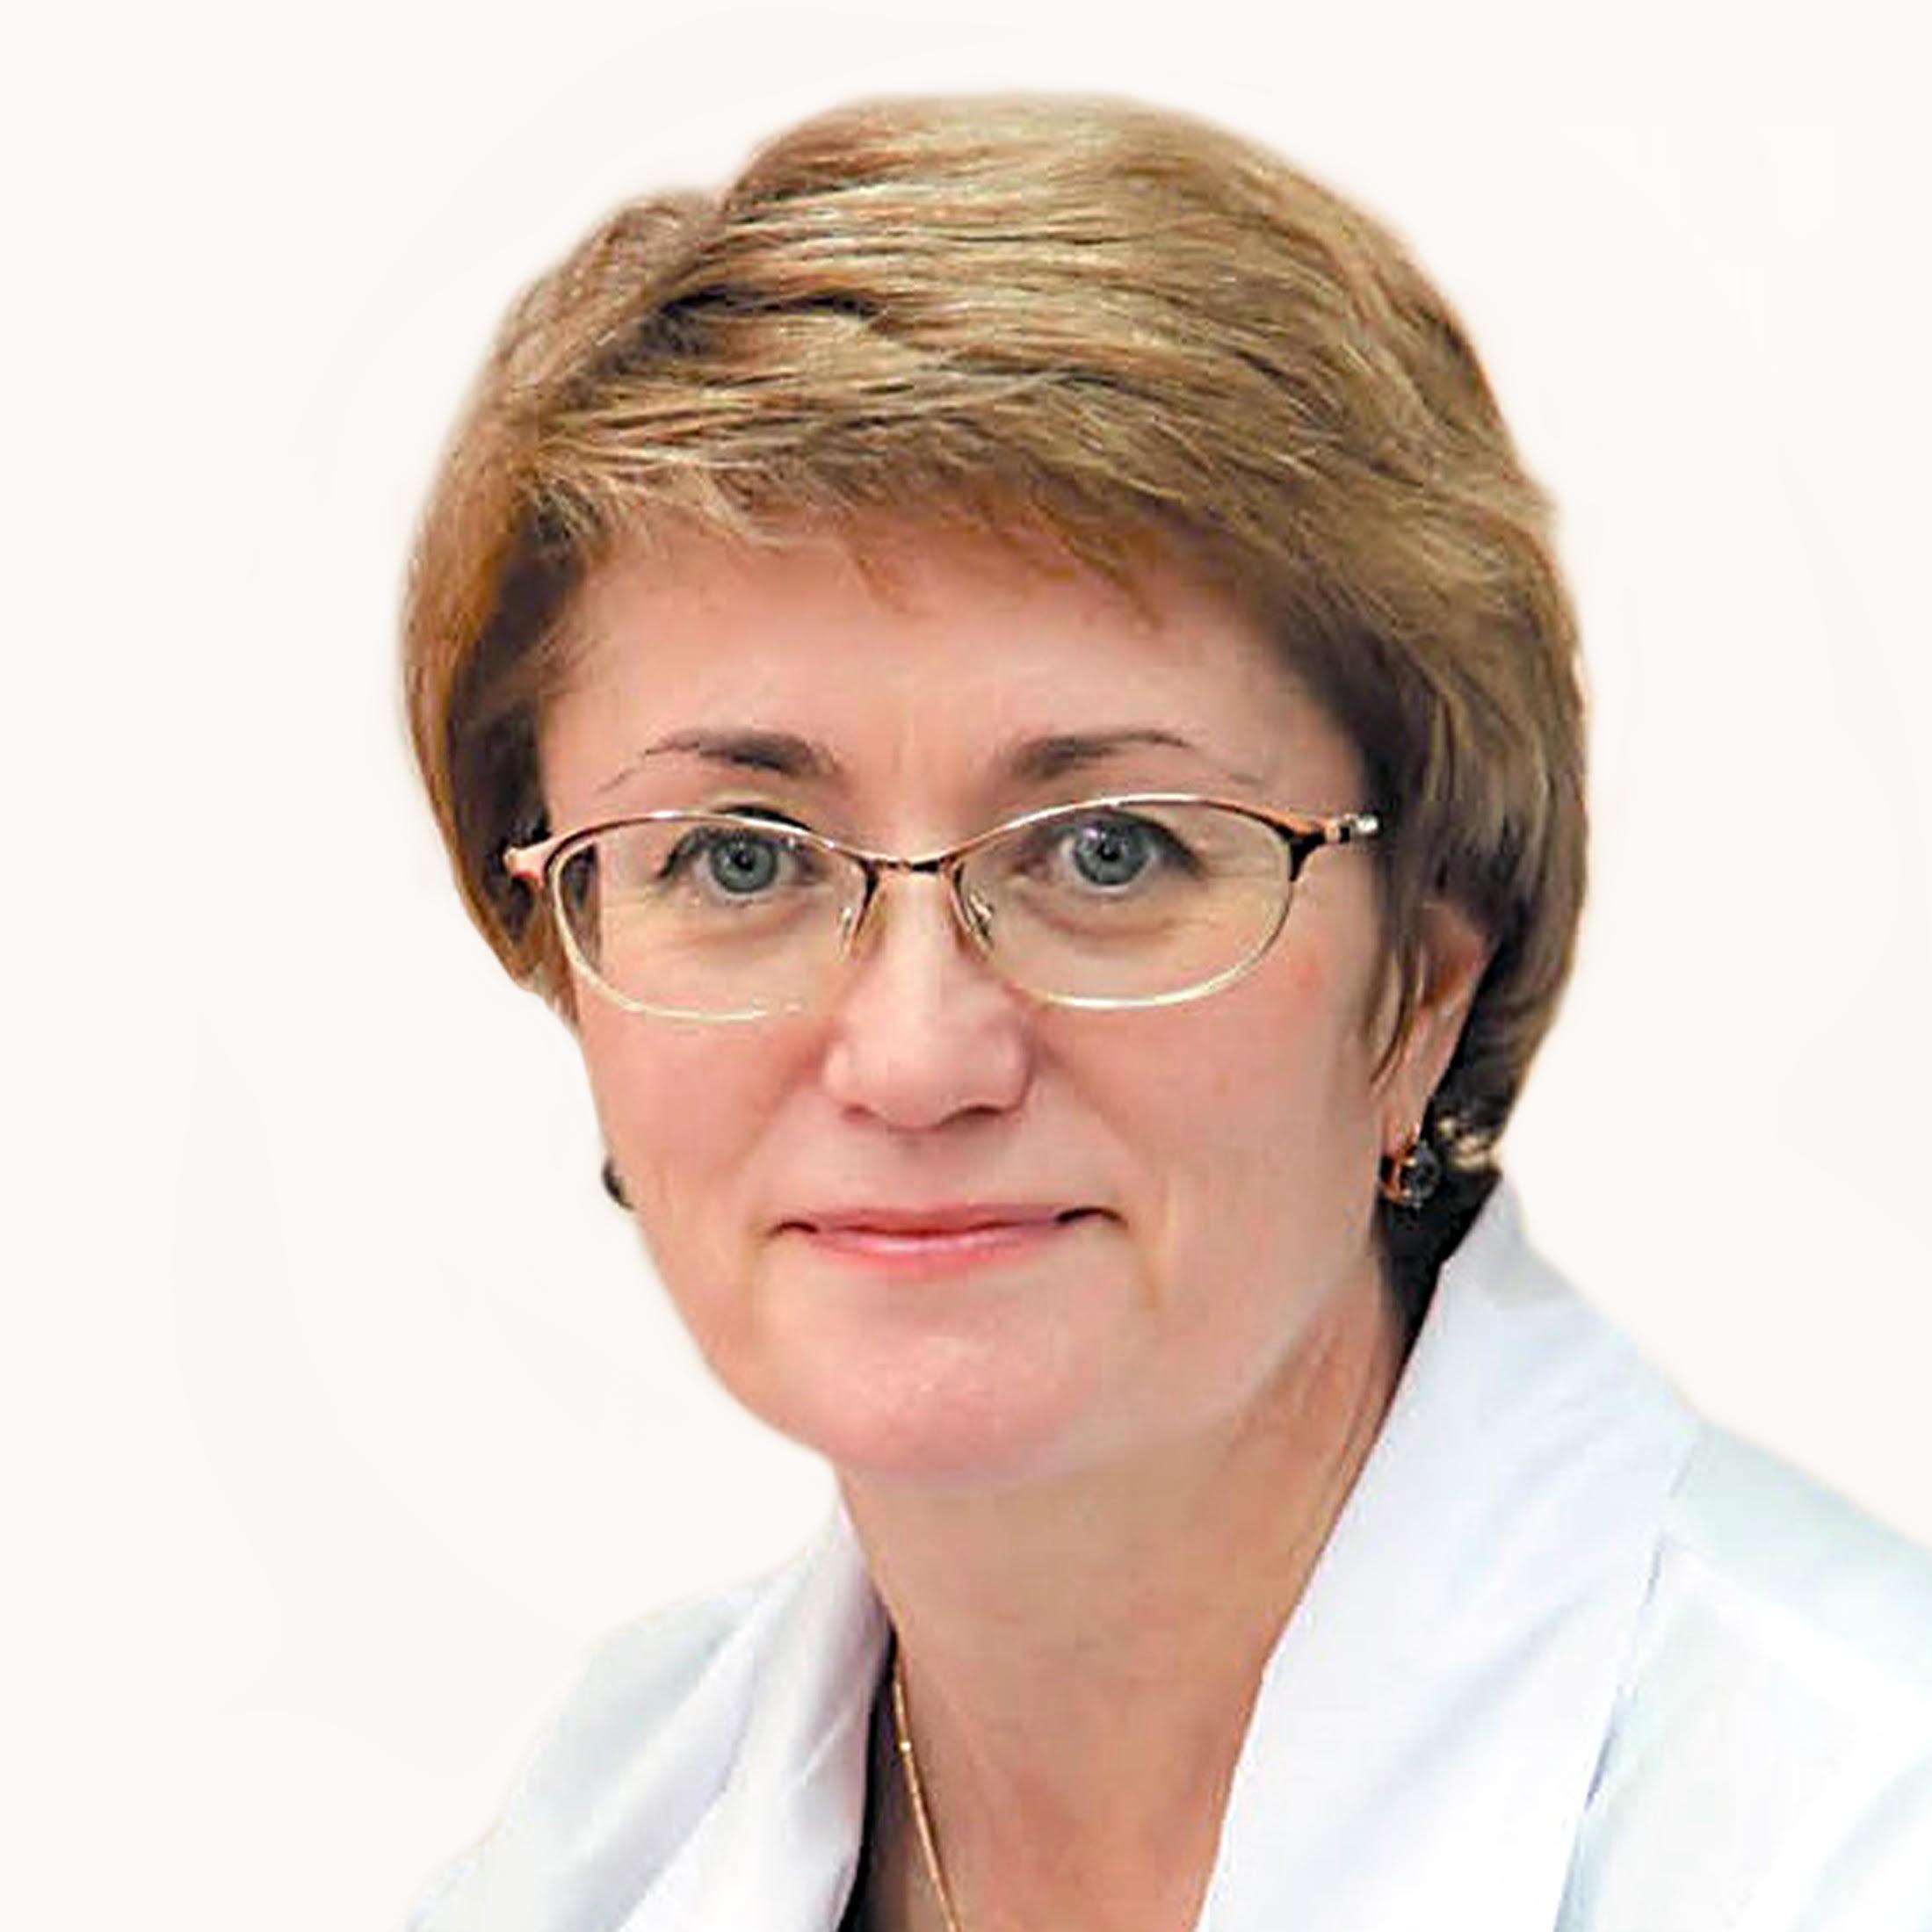 Шлыкова Евгения Эдуардовна